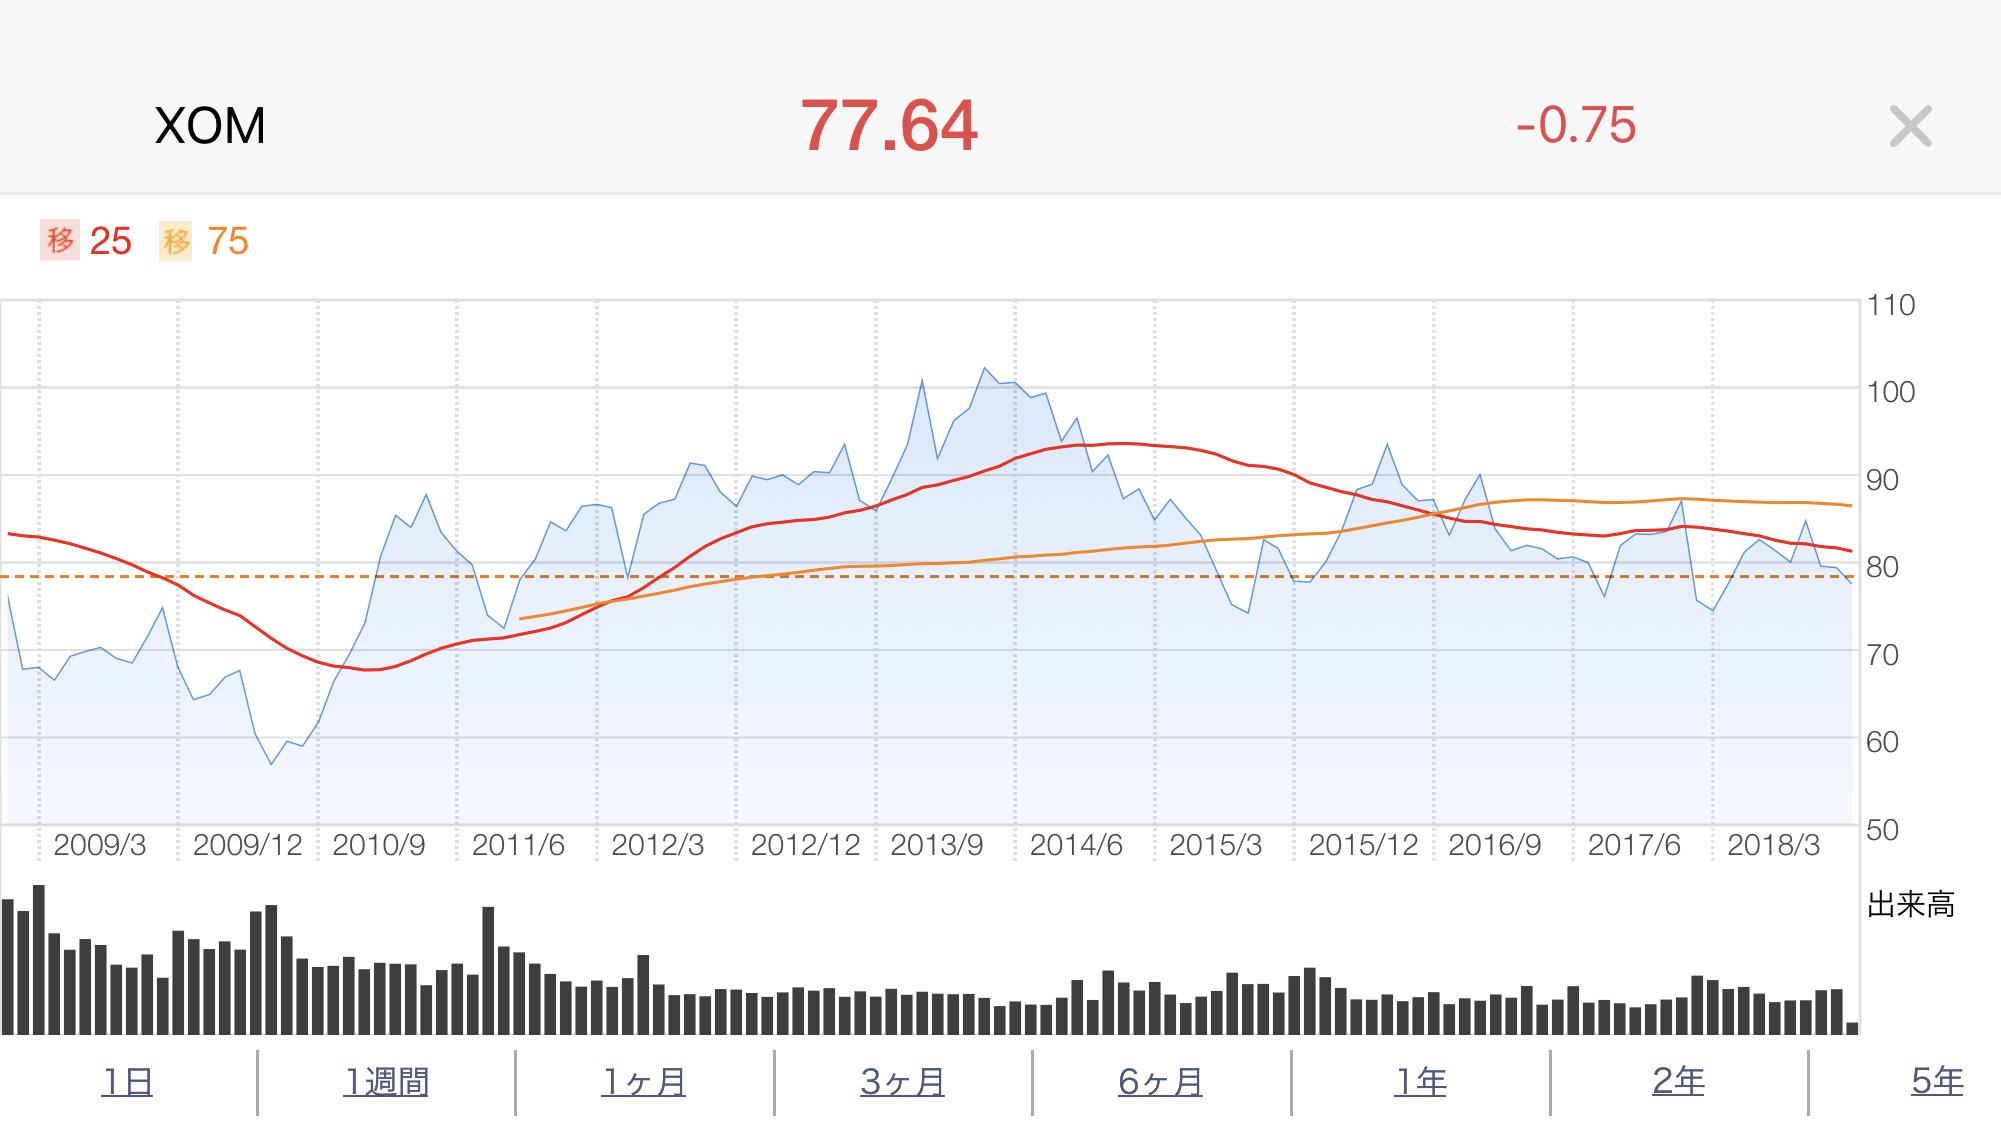 エクソンモービル(XOM)株価推移